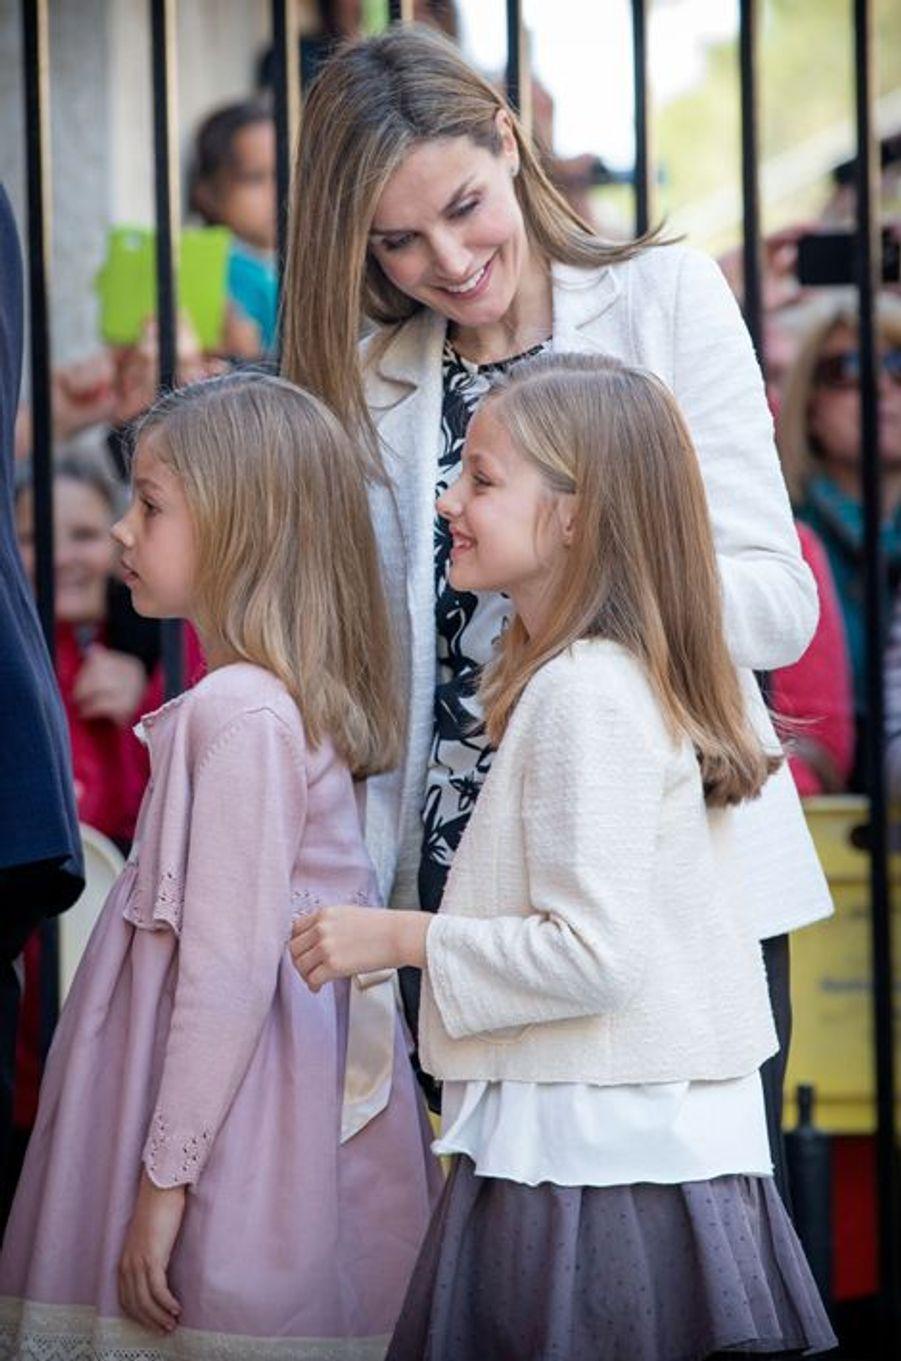 La reine Letizia et les princesses Leonor et Sofia d'Espagne à Palma de Majorque, le 5 avril 2015